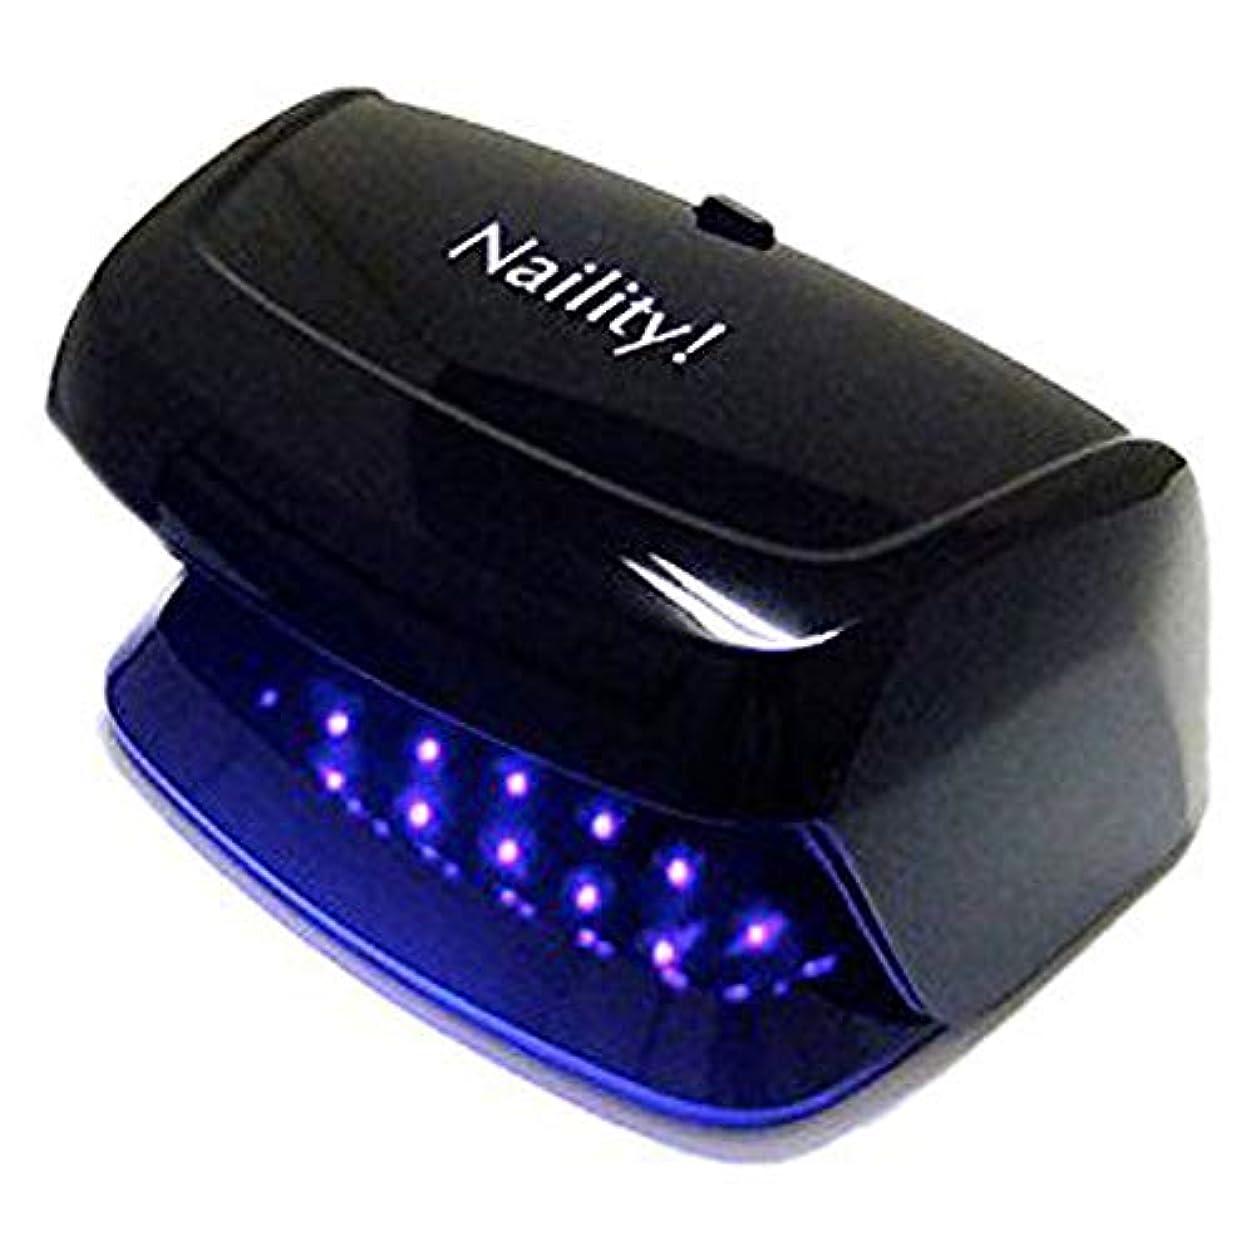 居住者有益肌寒いNaility!(ネイリティ!) Naility! LEDライト 3W /Black ジェルネイル 1個